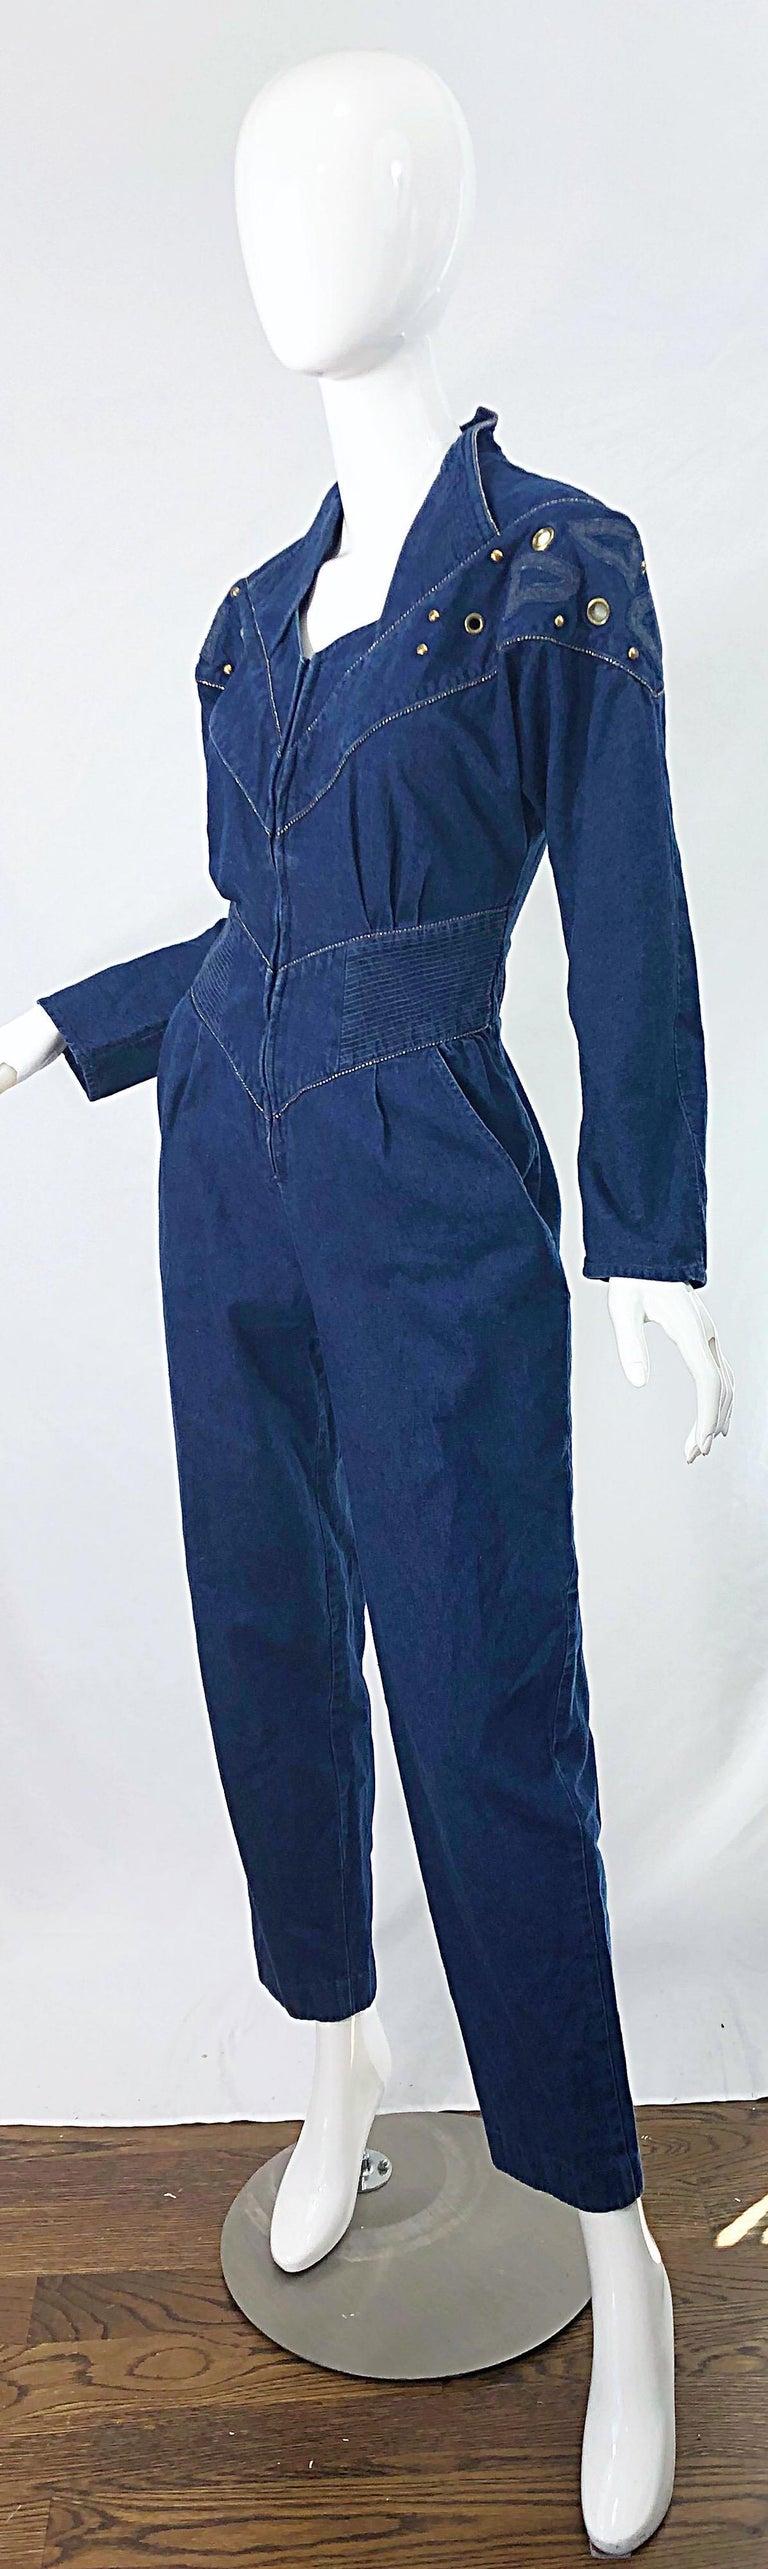 1980s Jillian Arthur Blue Jean Avant Garde Grommett Beaded Vintage 80s Jumpsuit For Sale 1